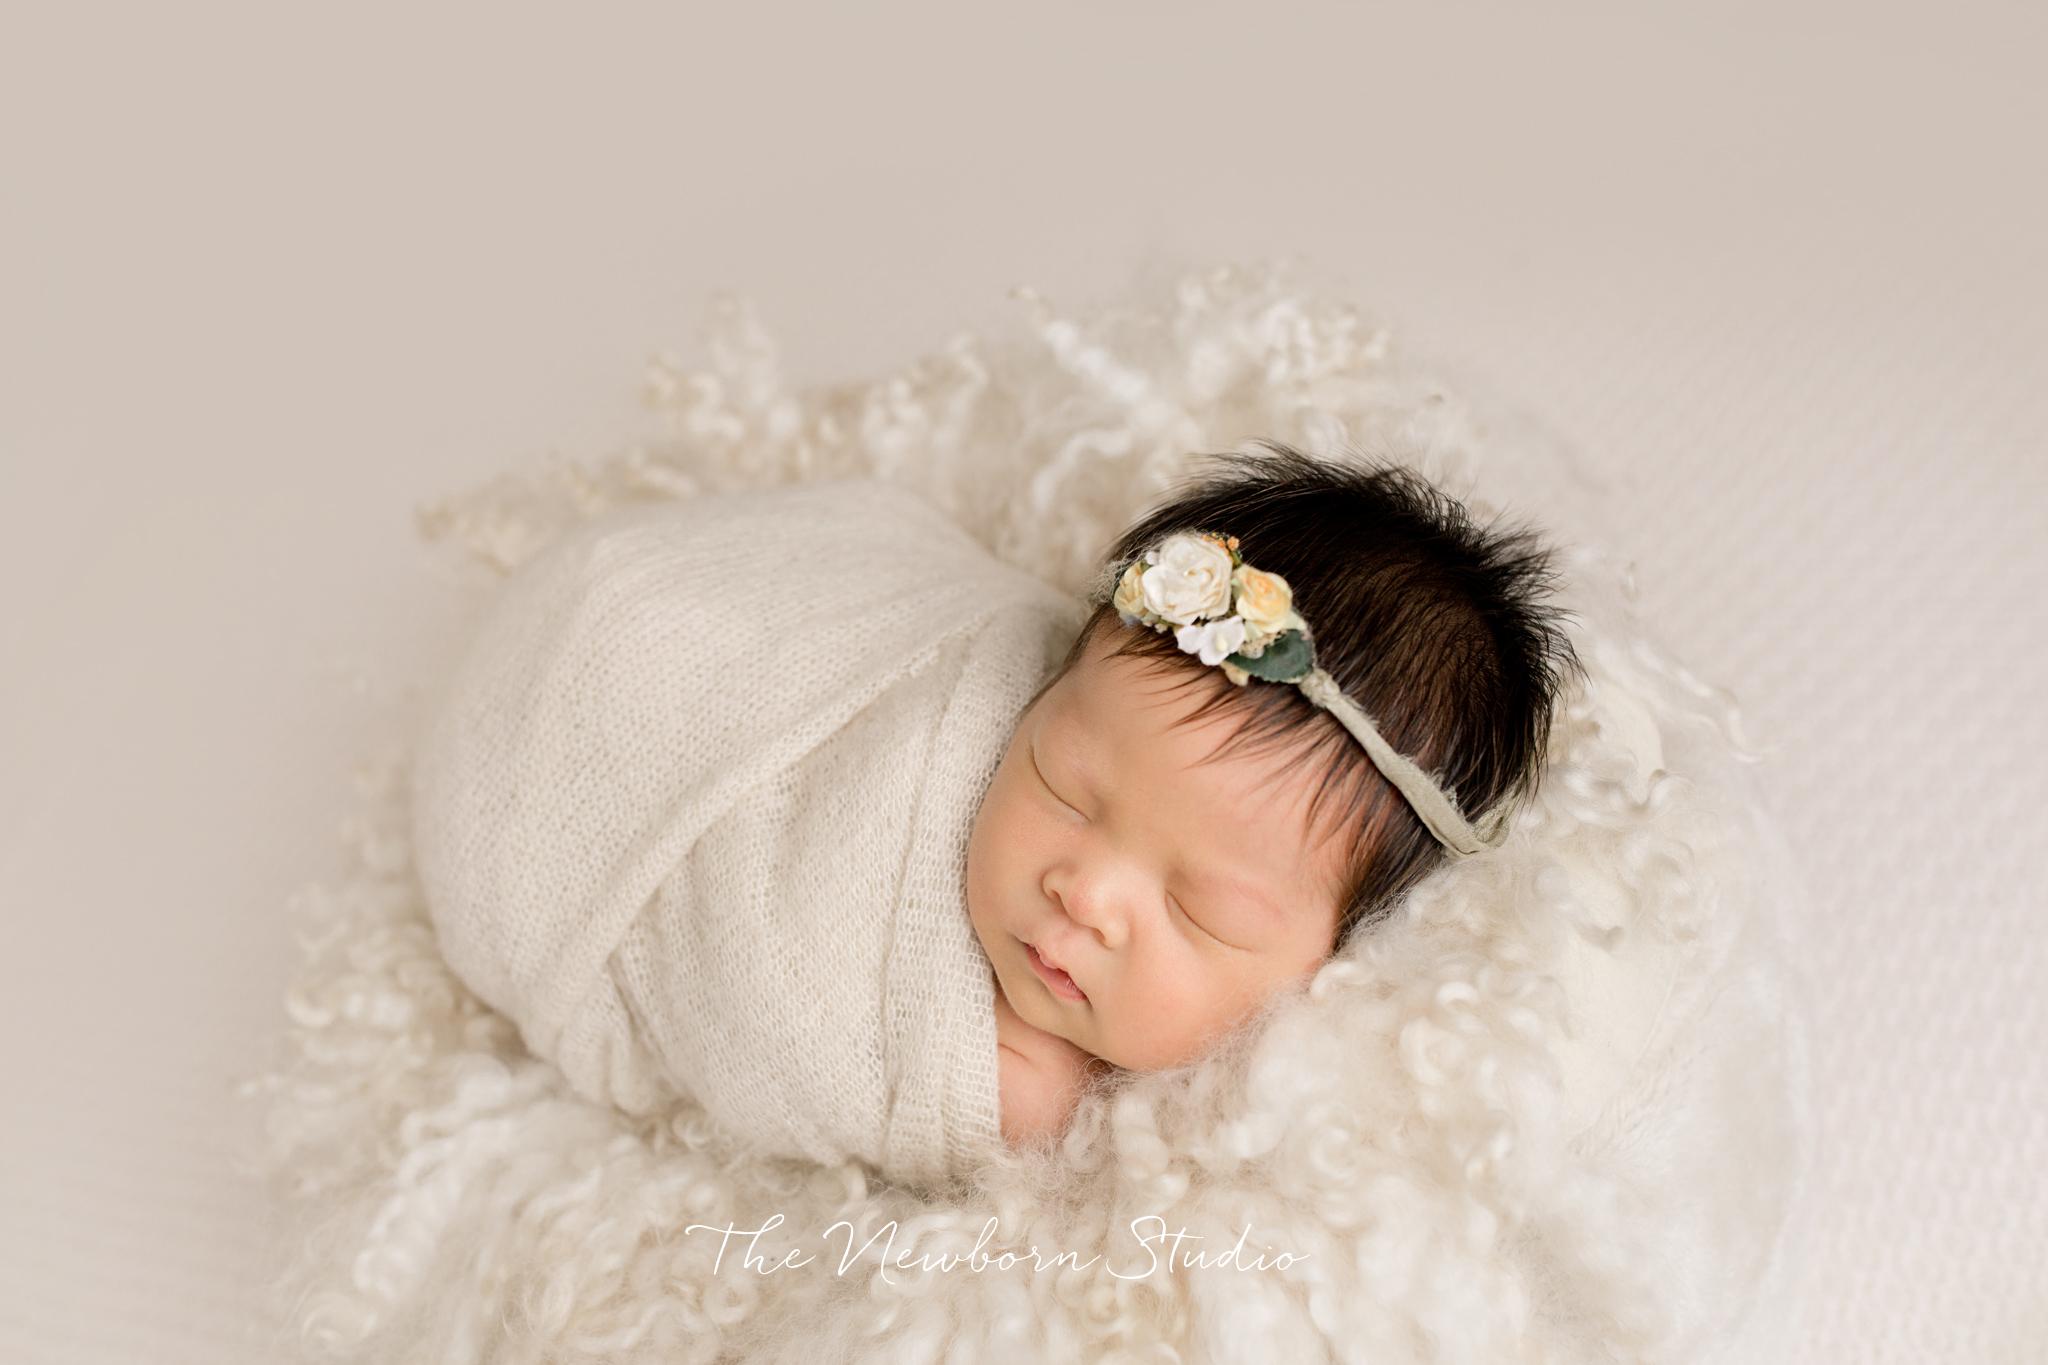 having a baby during coronavirus